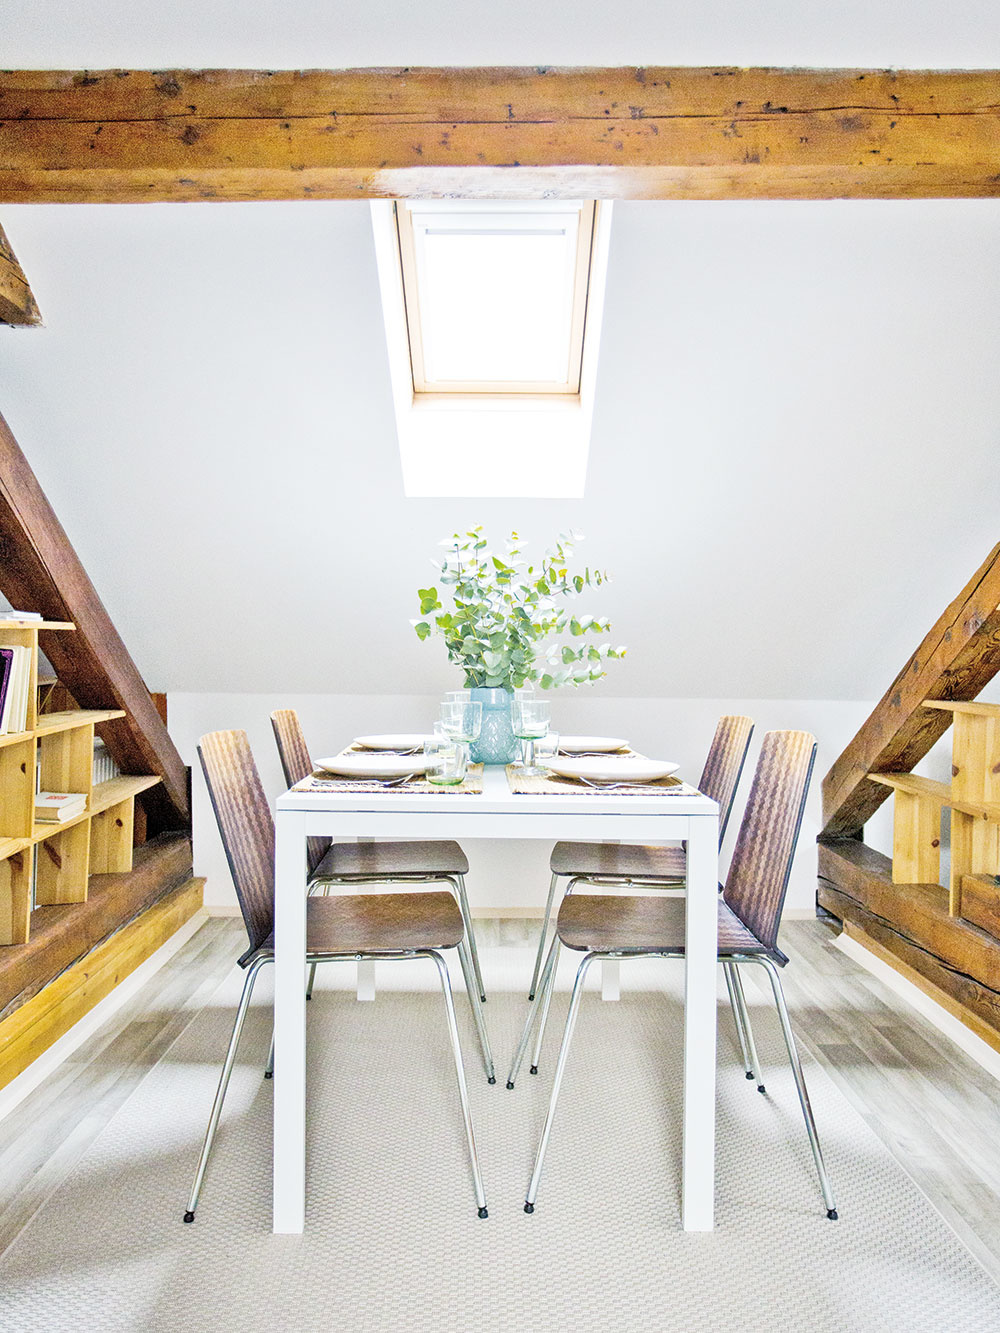 Každá z troch zón bytu má svoj dominantný prvok – v prostrednej je to jedálenský stôl. Priestor medzi drevenými konštrukčnými prvkami krovu bol ako stvorený na umiestnenie políc, ktoré ešte podporili funkčné členenie.